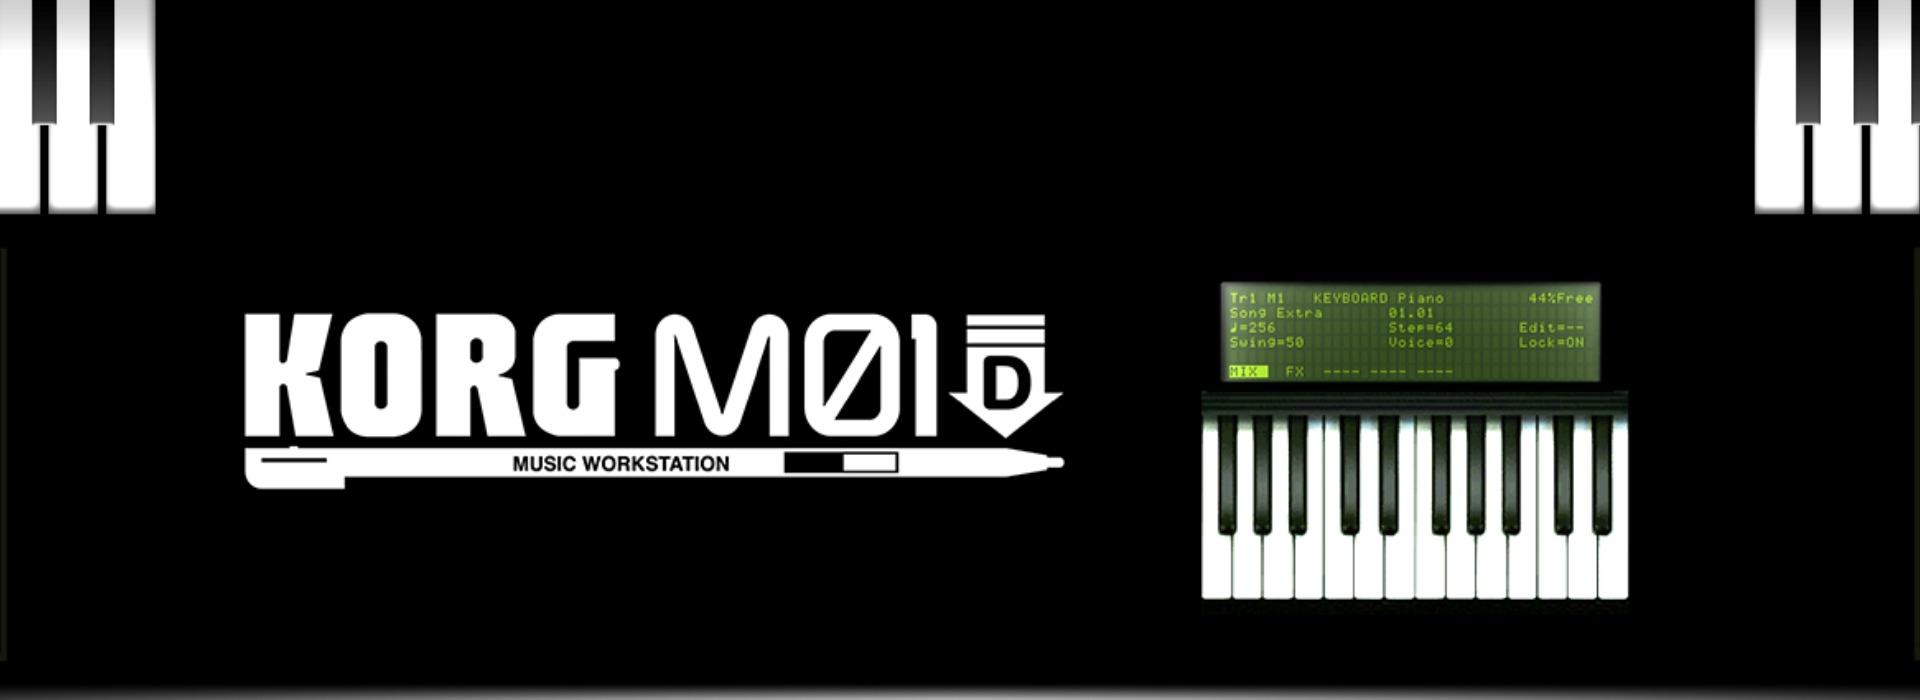 korg-m01d-review-banner